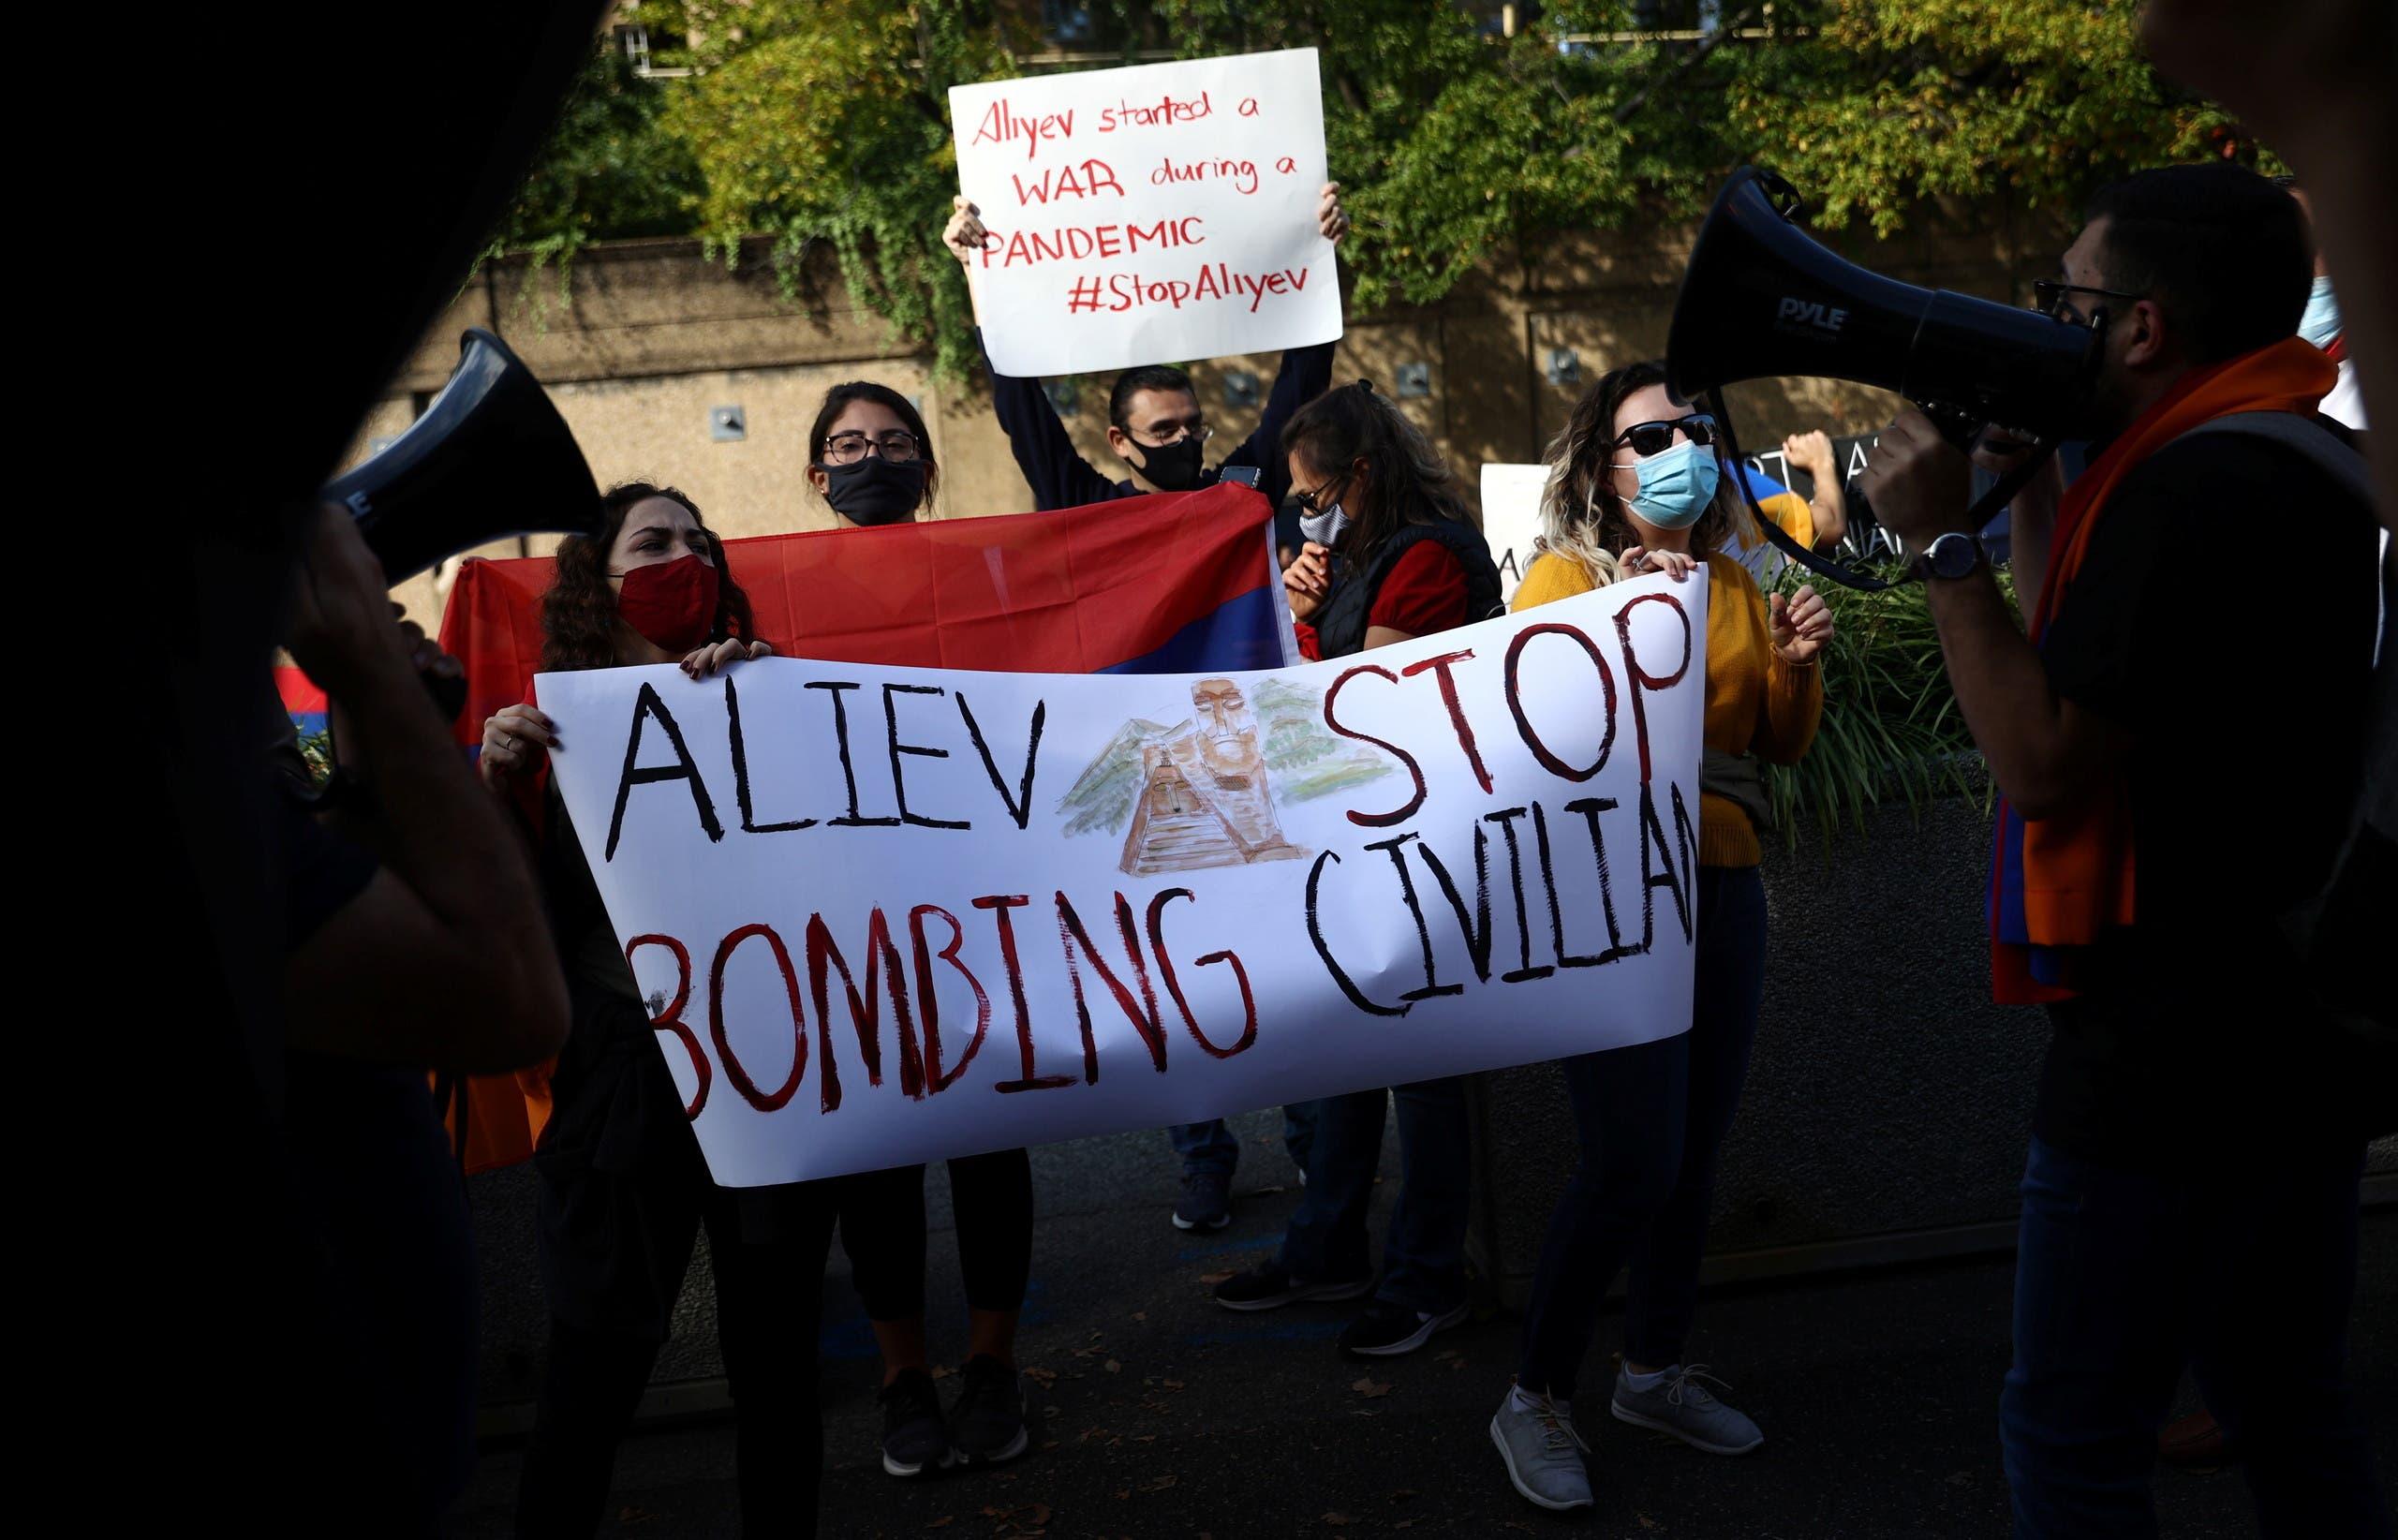 جموعة من المتظاهرين المؤيدين لأرمينيا خارج وزارة الخارجيّة الأميركية